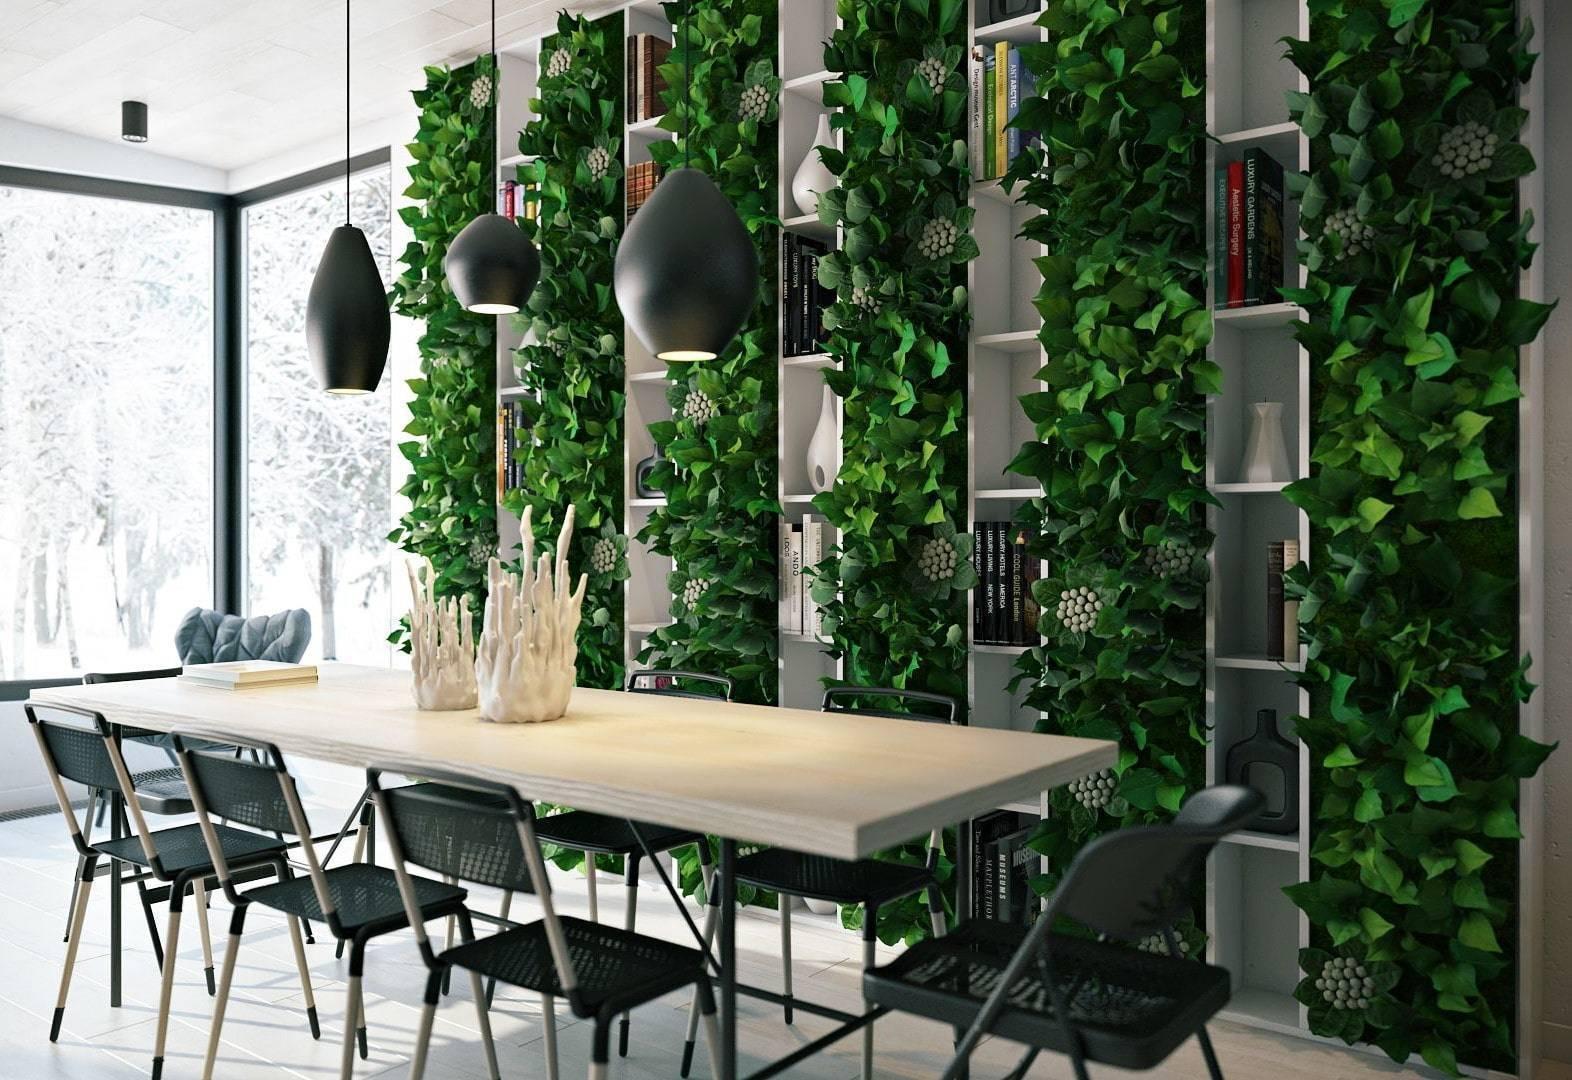 Популярные идеи и способы оформления стен на кухне: 67 ярких фото, видео